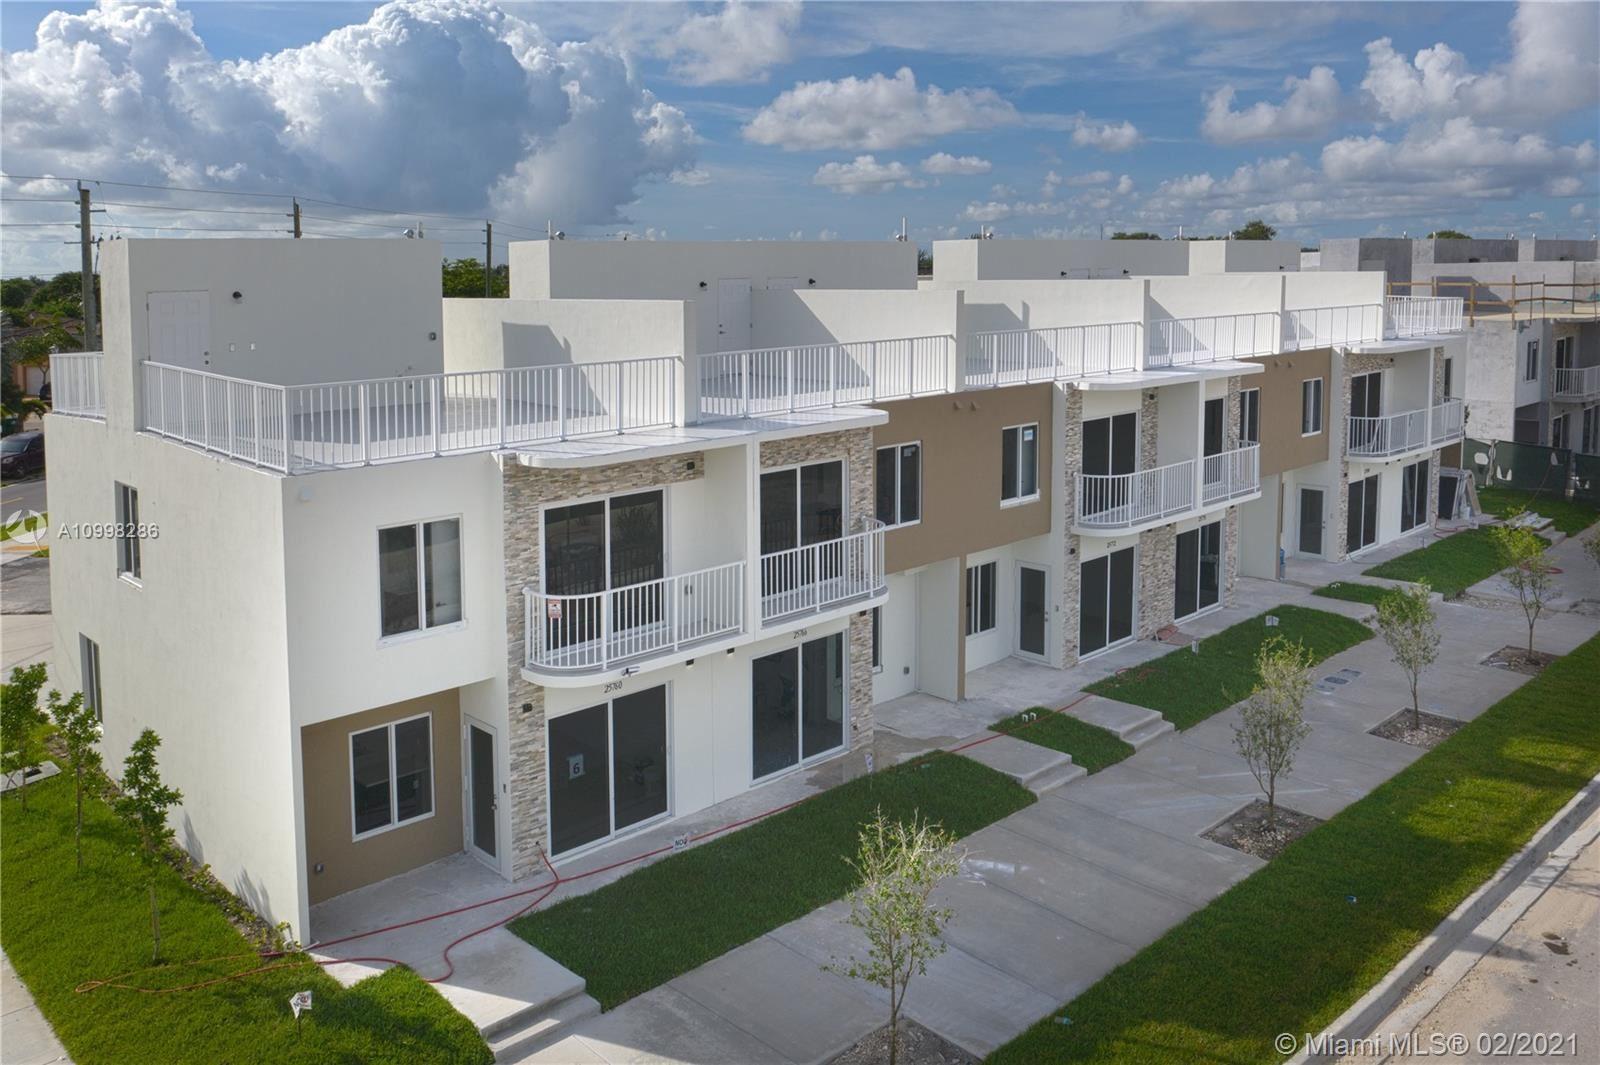 13710 SW 259 LN, Miami, FL 33032 - #: A10998286